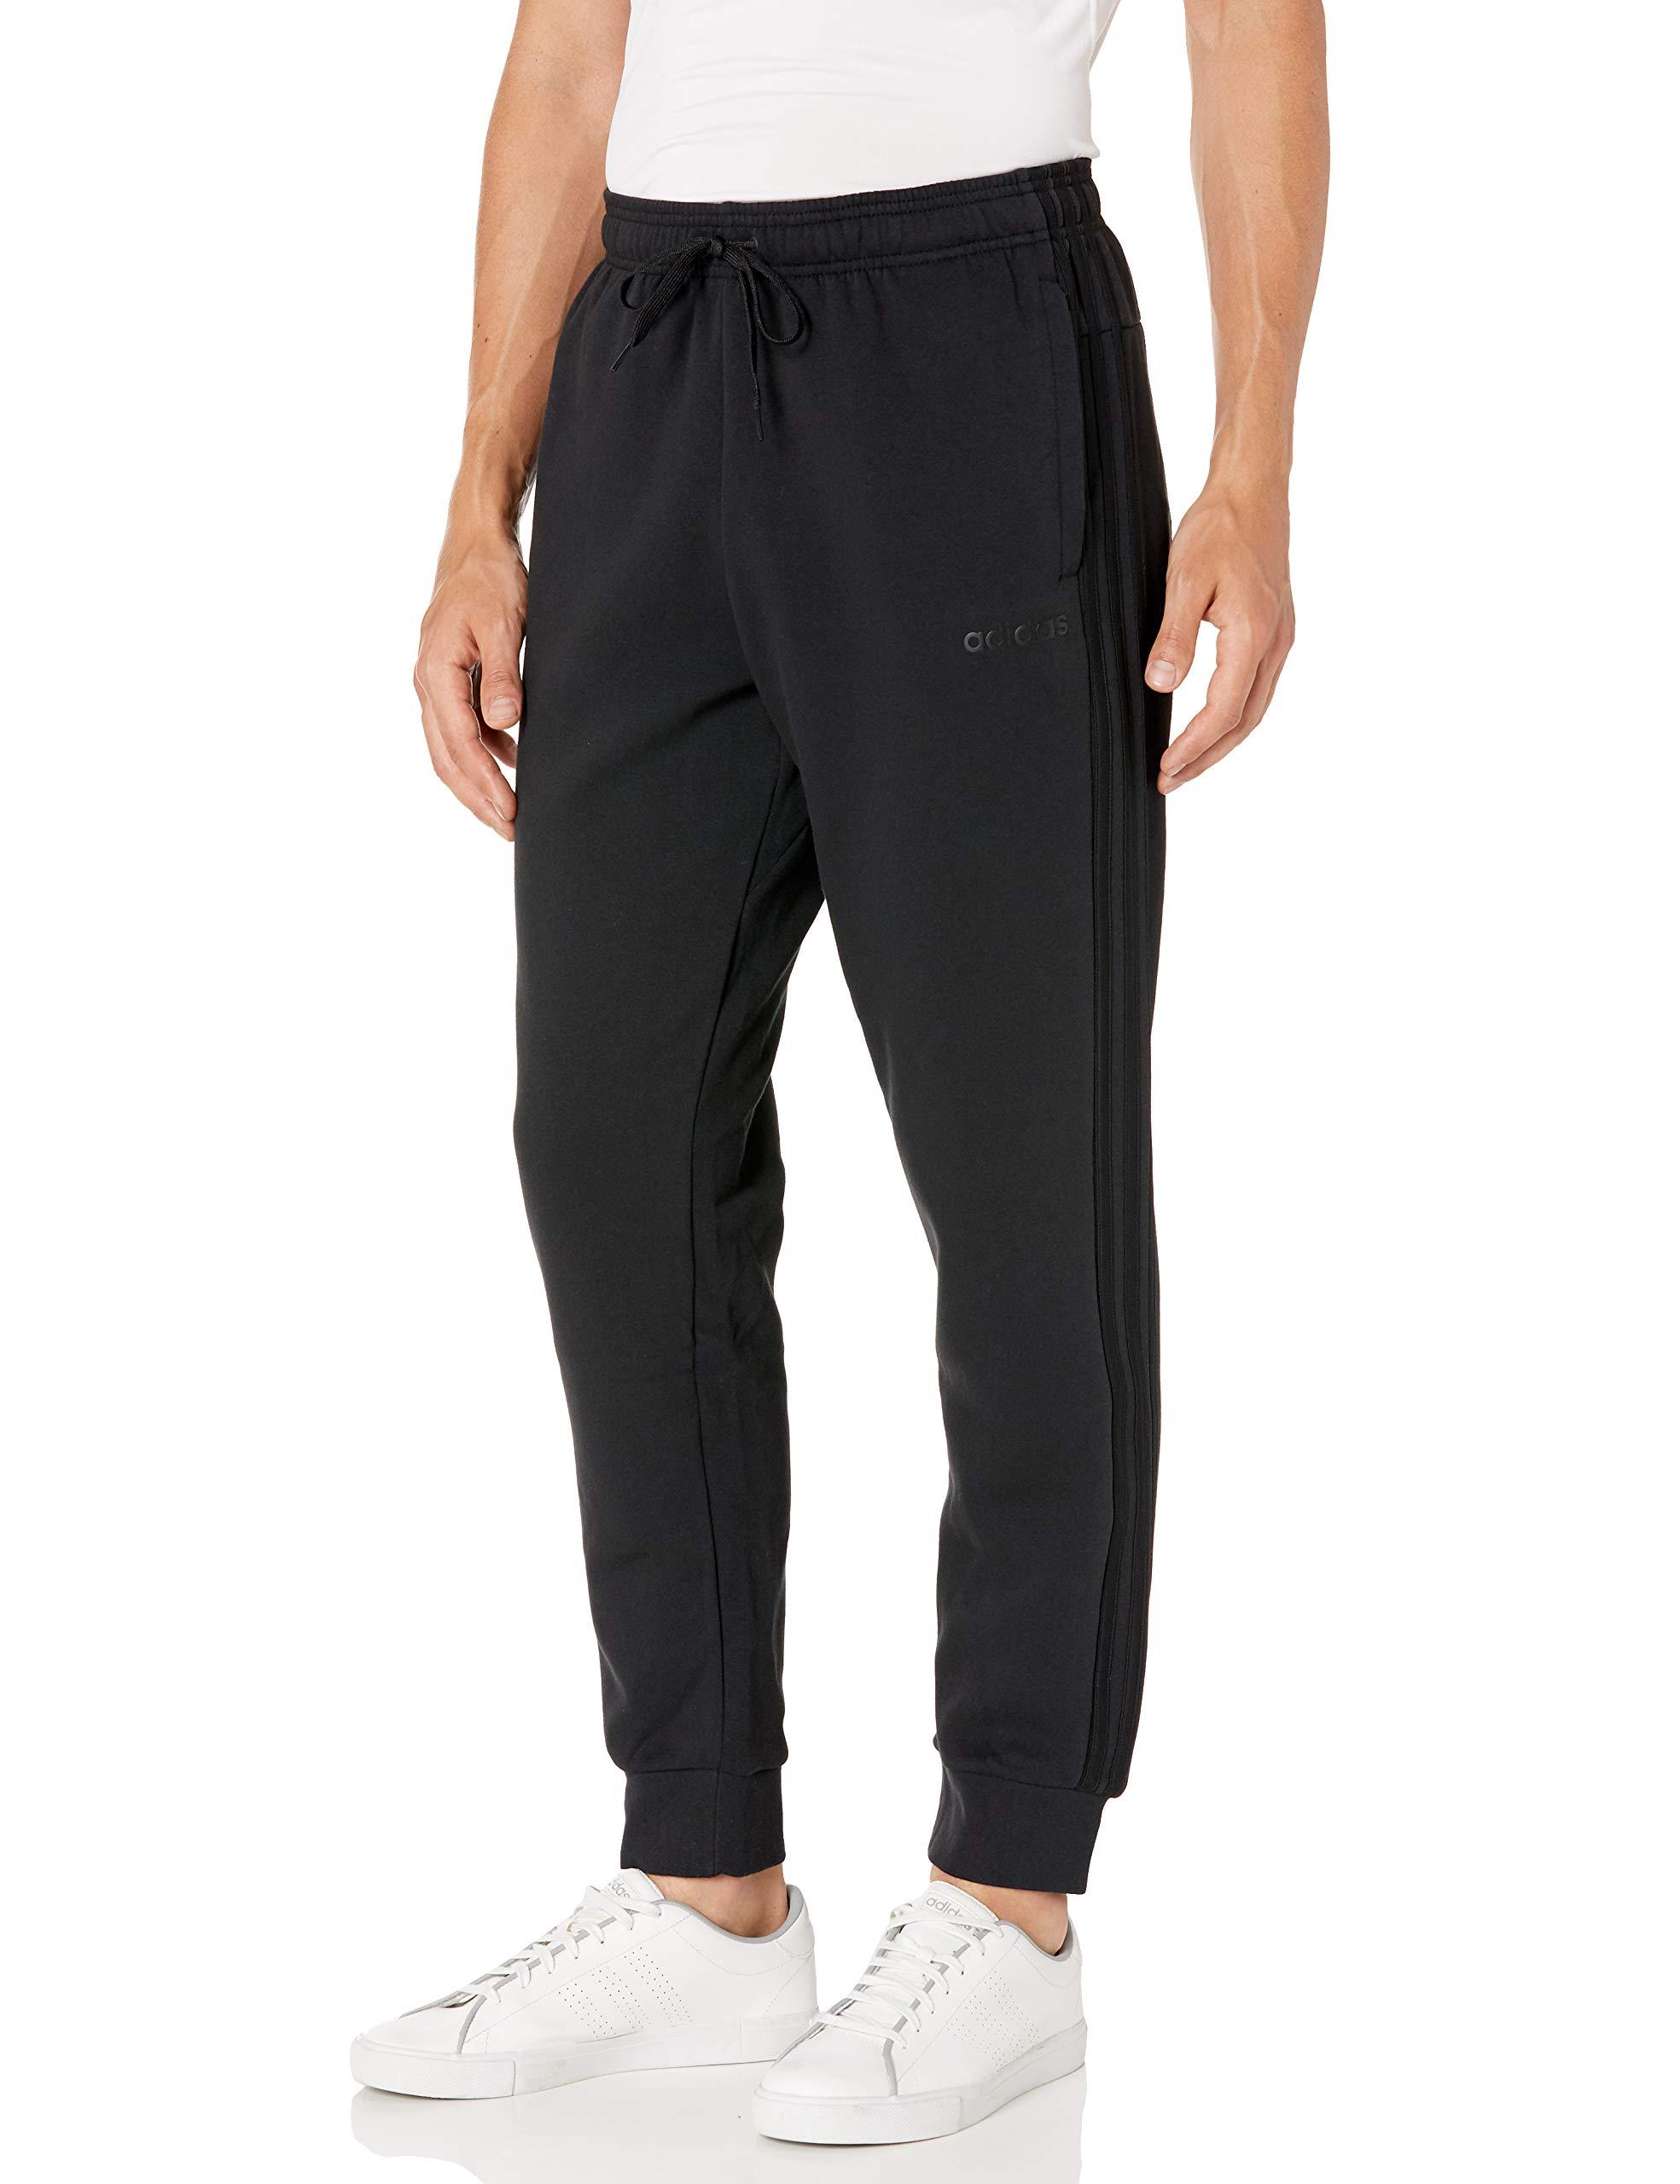 adidas Men's Essentials 3-stripes Fleece Jogger Pant,Black/Black,Small